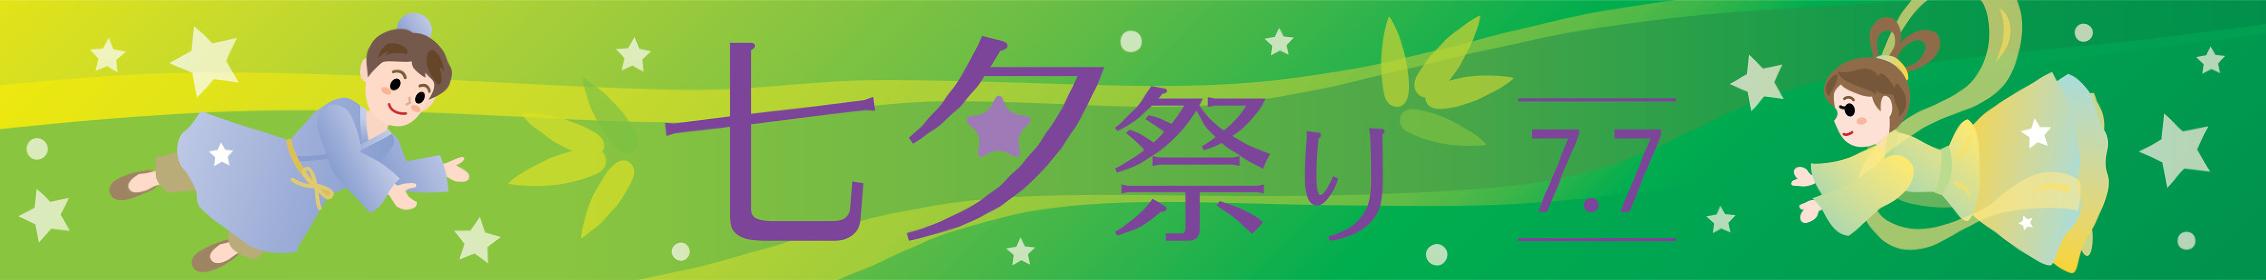 七夕祭りの横長の背景イラスト